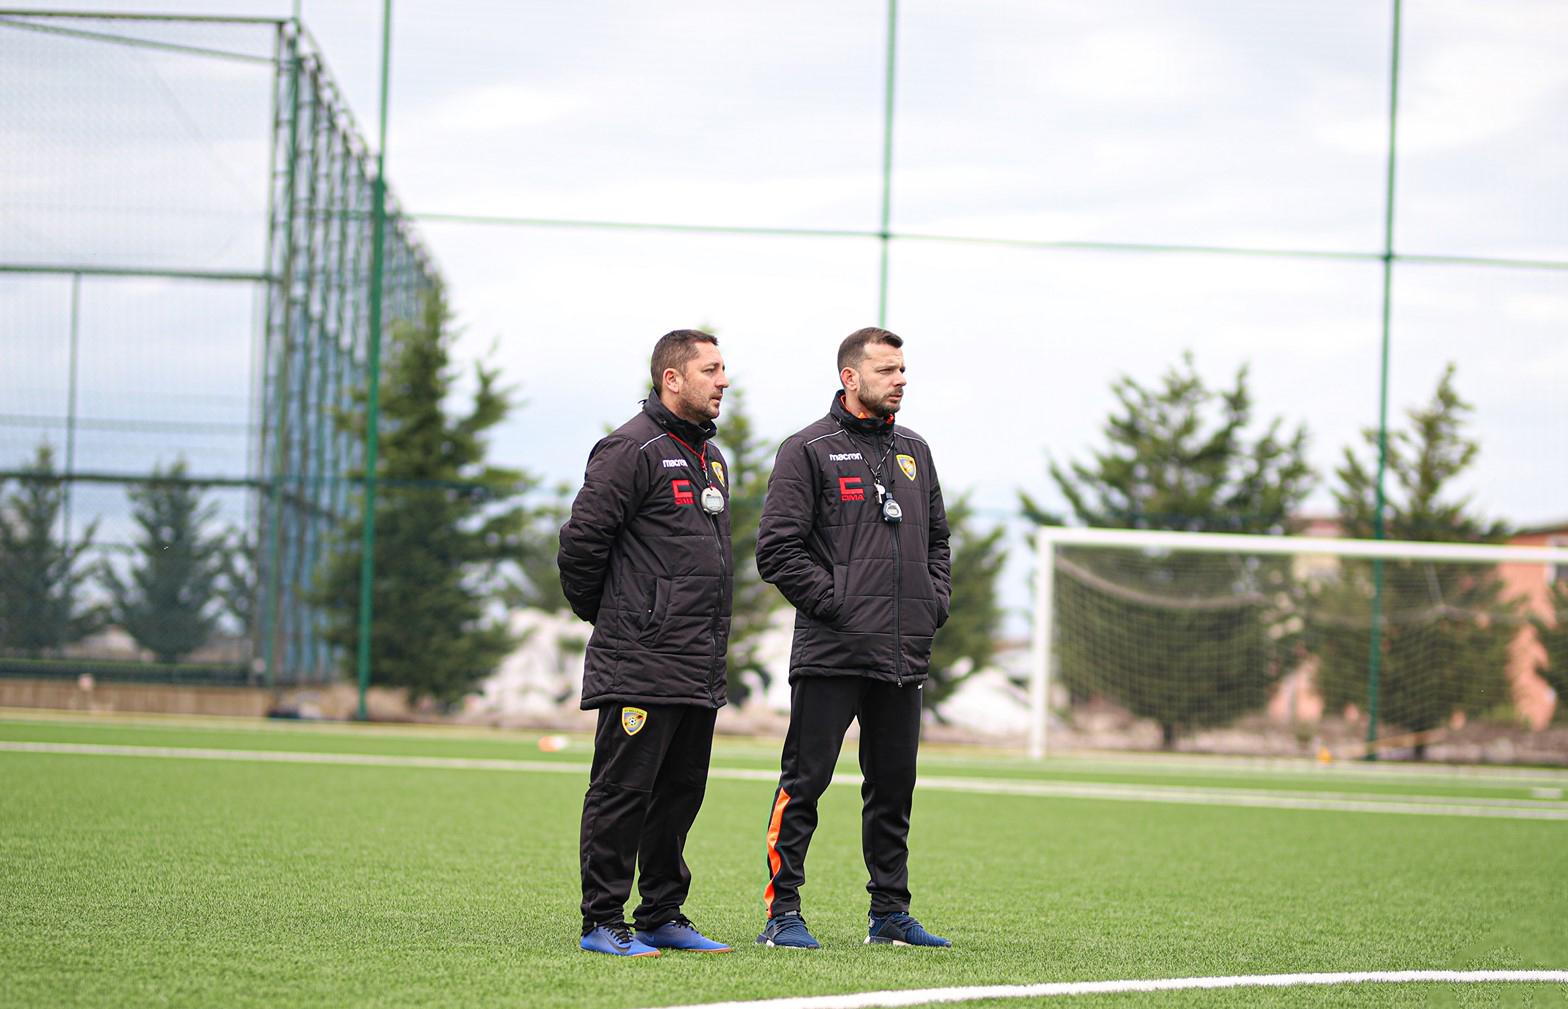 Trajneri i Ballkanit: Jam i kënaqur me futbollistët e mi, treguan angazhim dhe dëshirë për të fituar